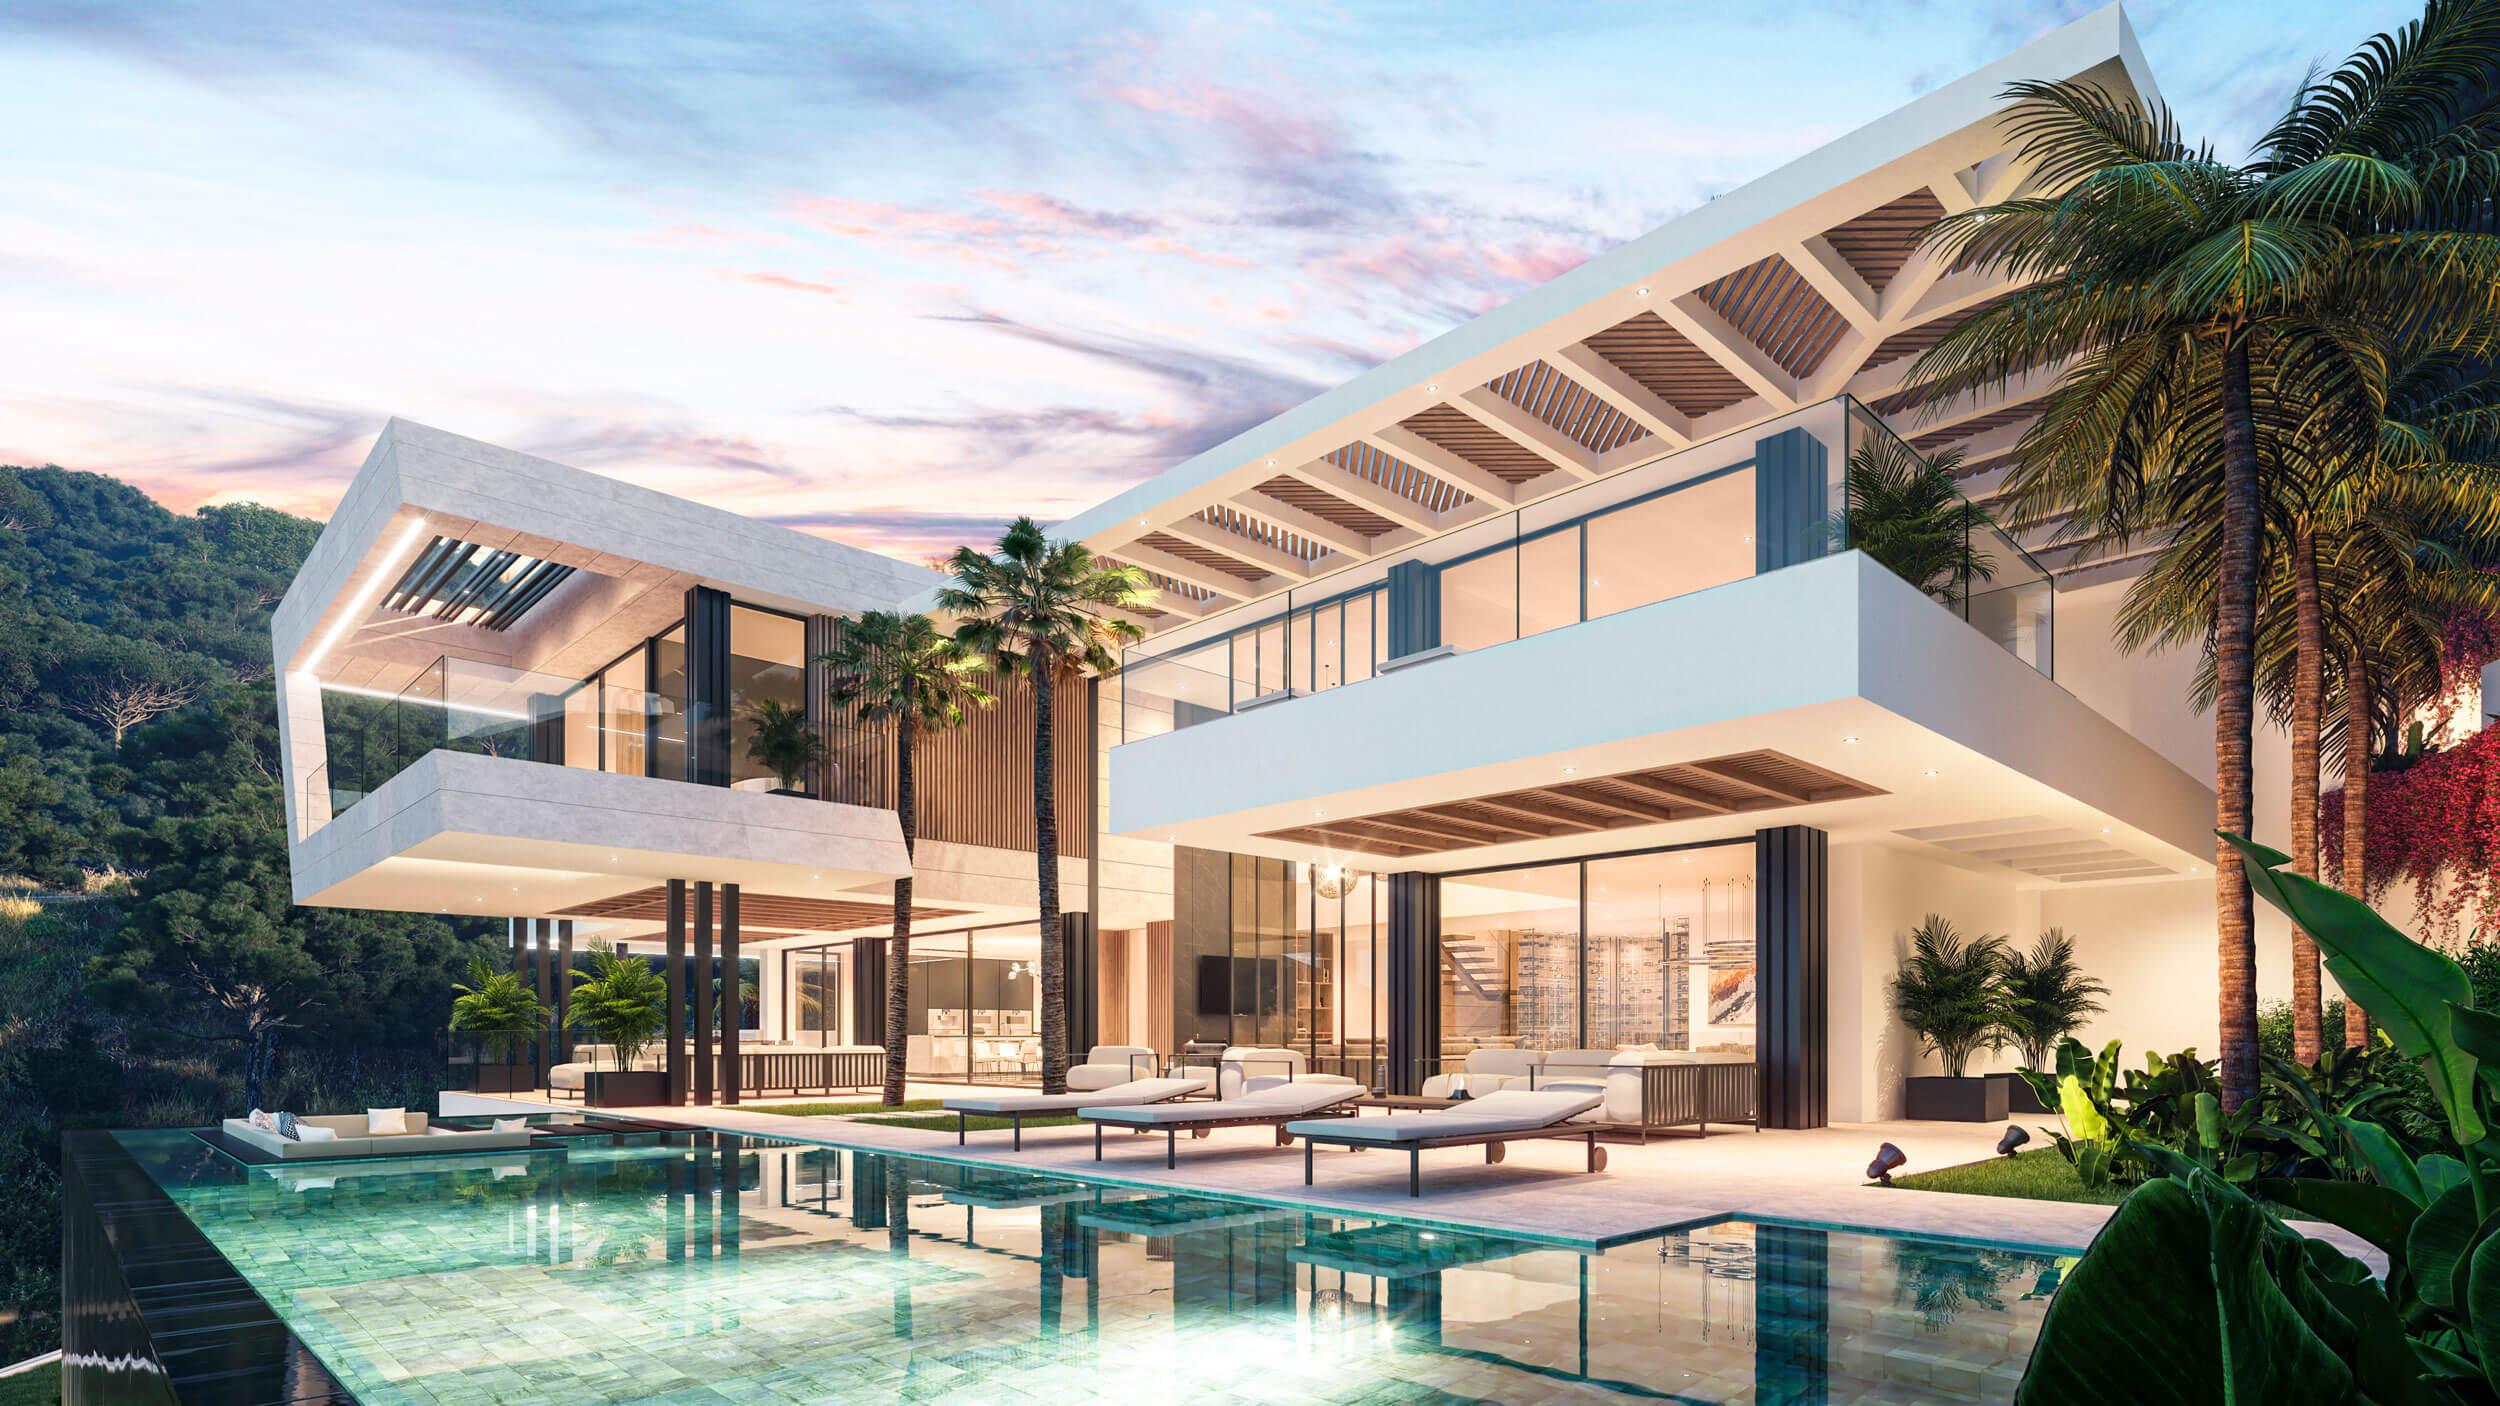 biệt thự 3 tầng có hồ bơi hiện đại đẳng cấp 7